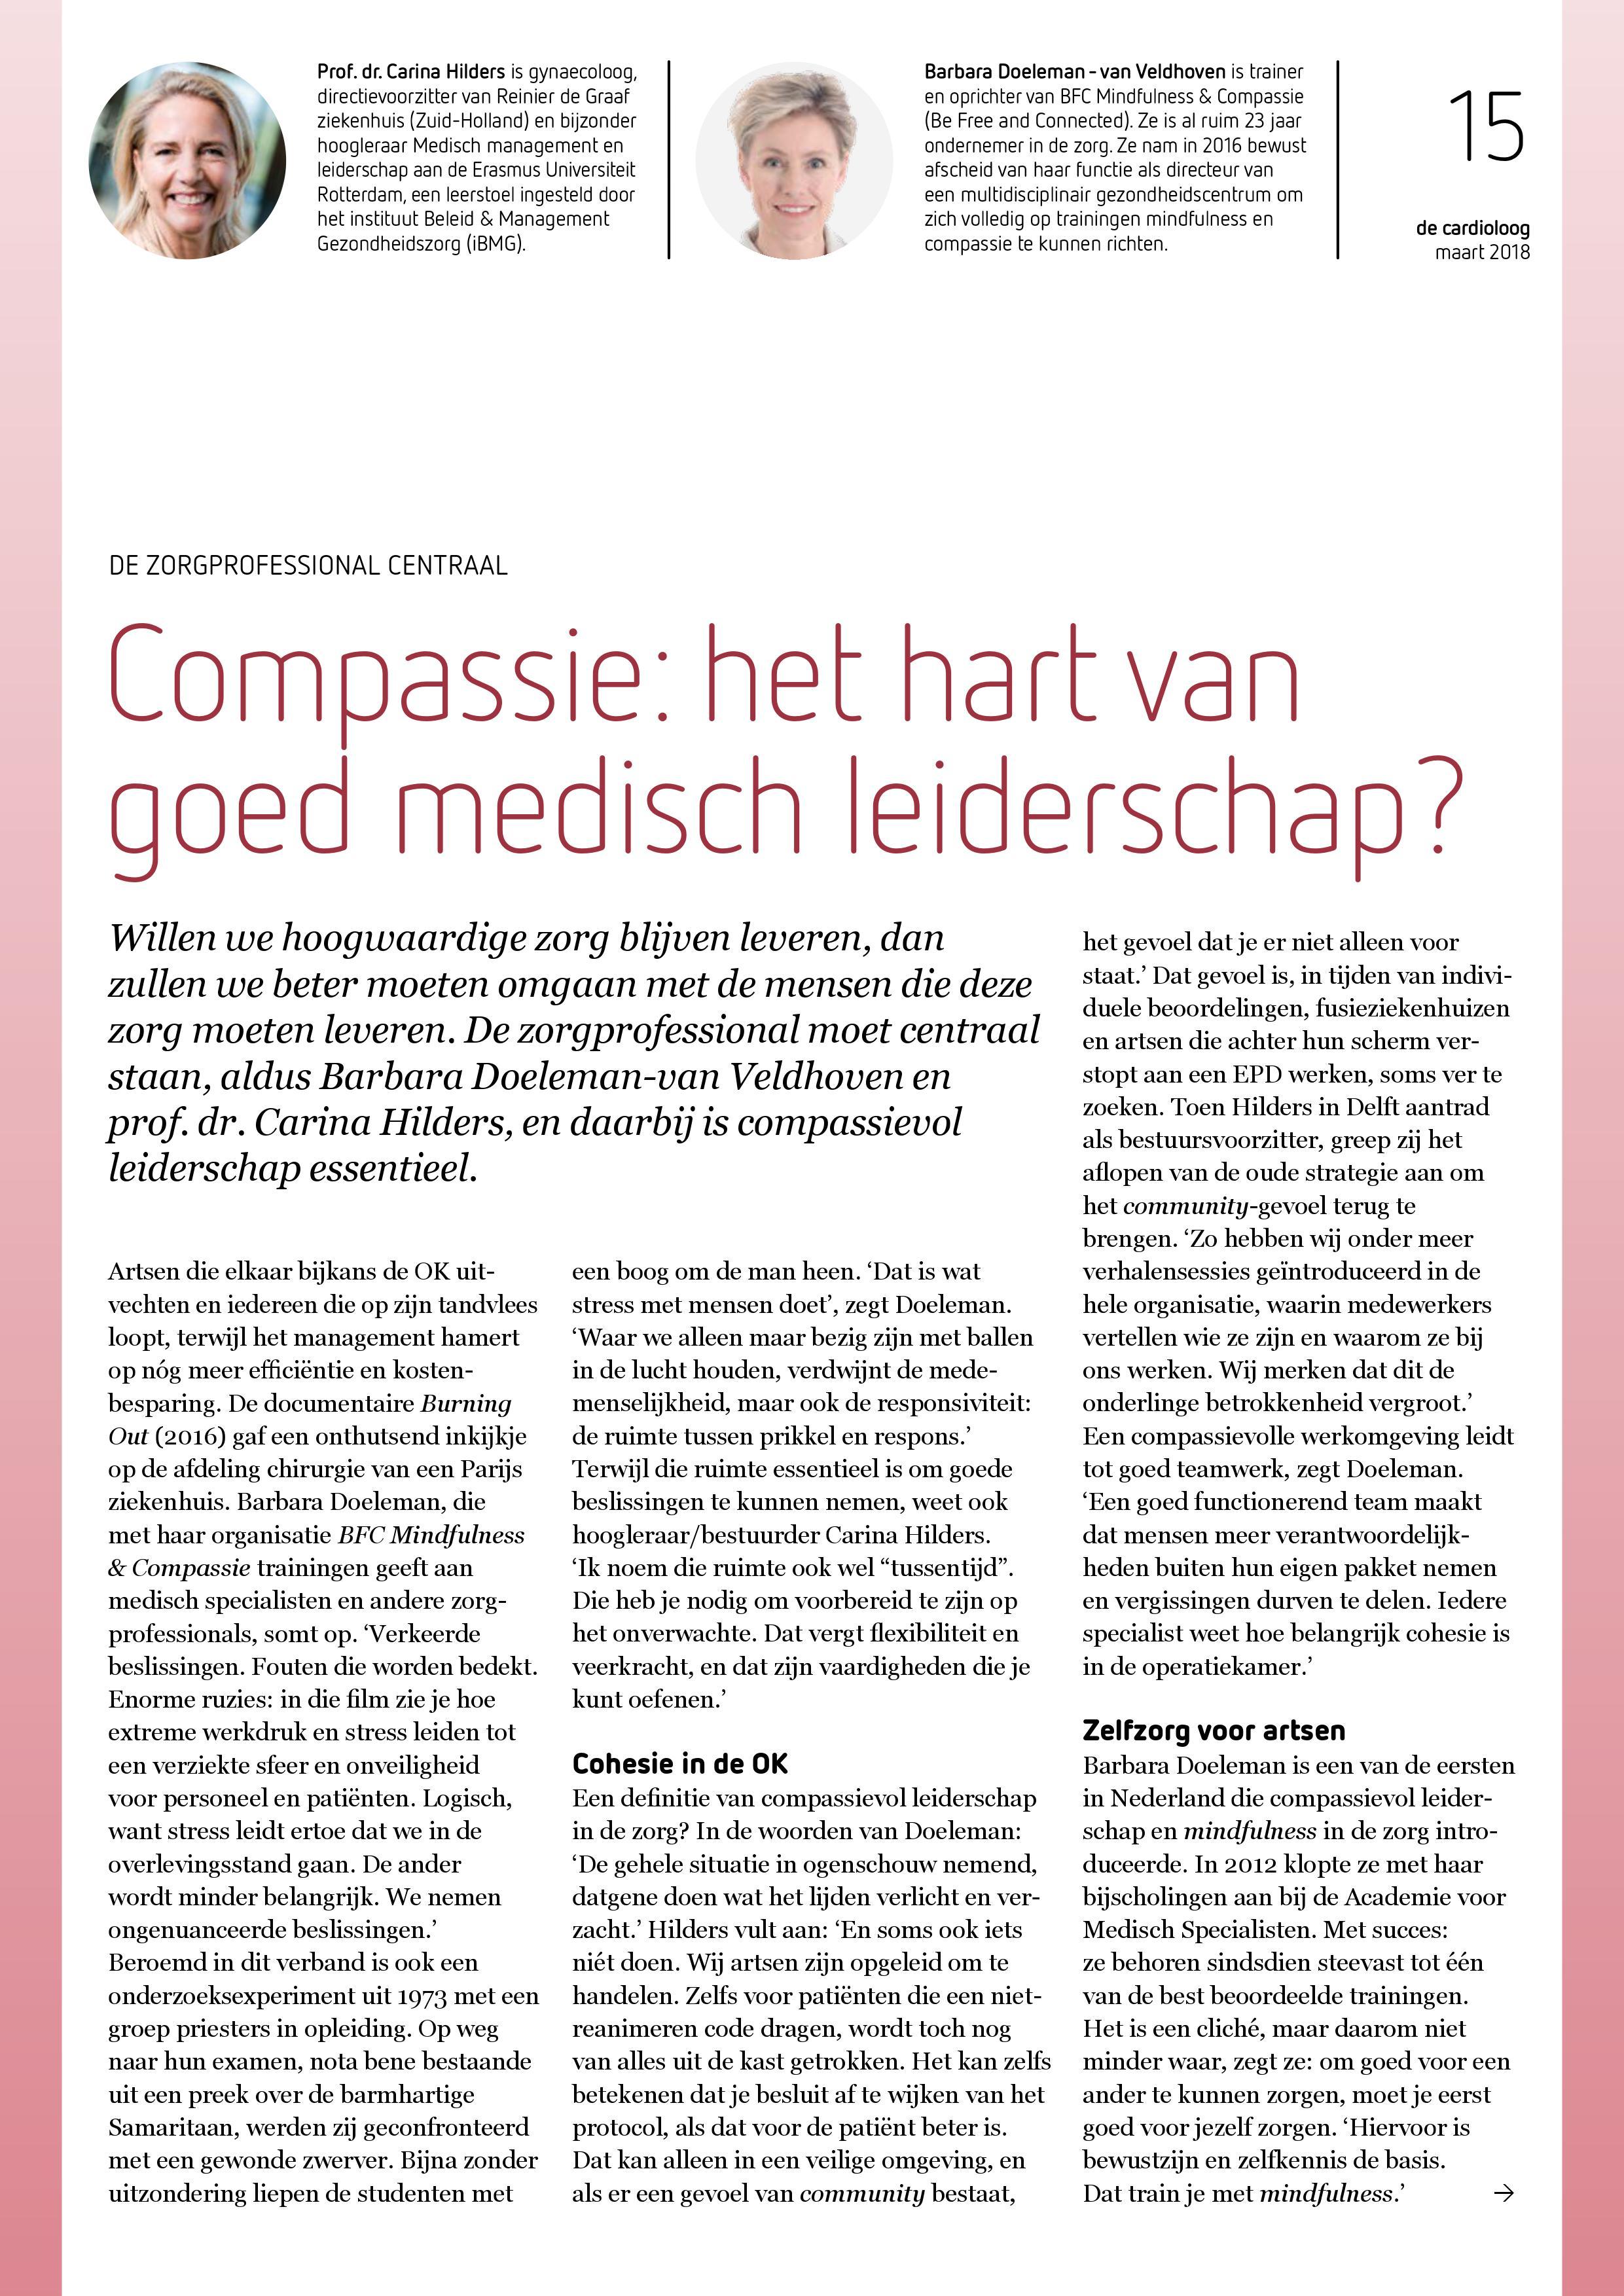 Compassie in medisch leiderschap